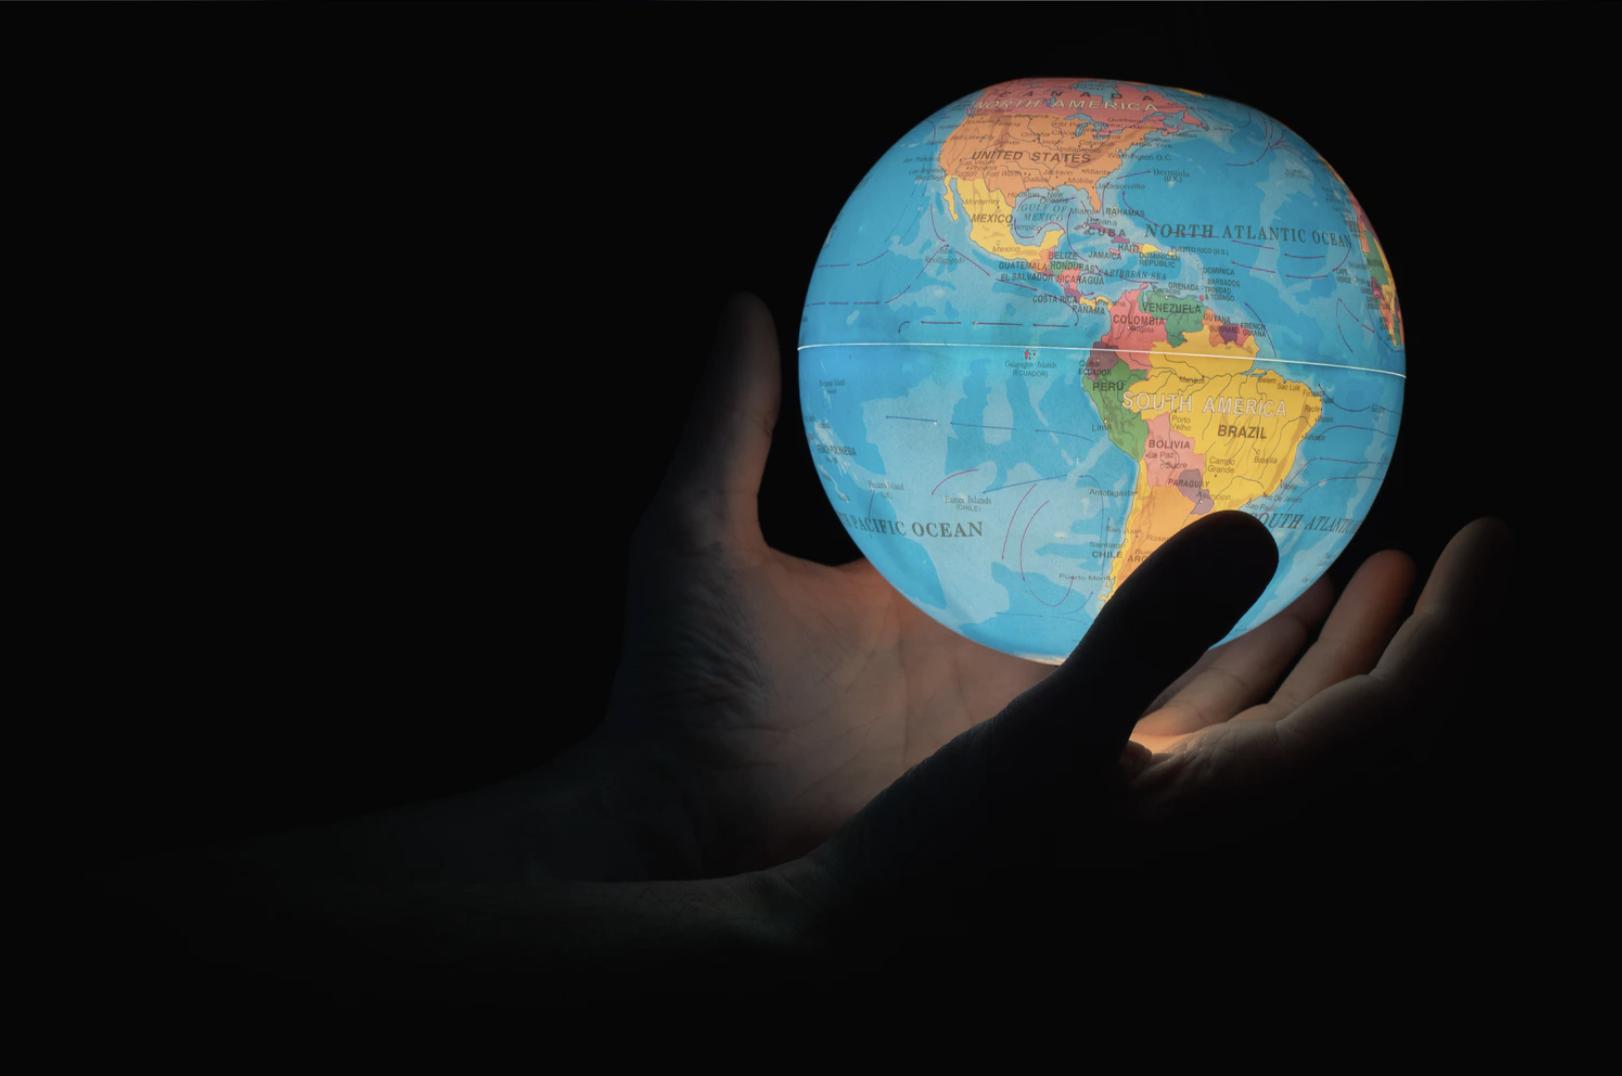 Cisco zobowiązuje się do osiągnięcia neutralności węglowej do 2040 roku